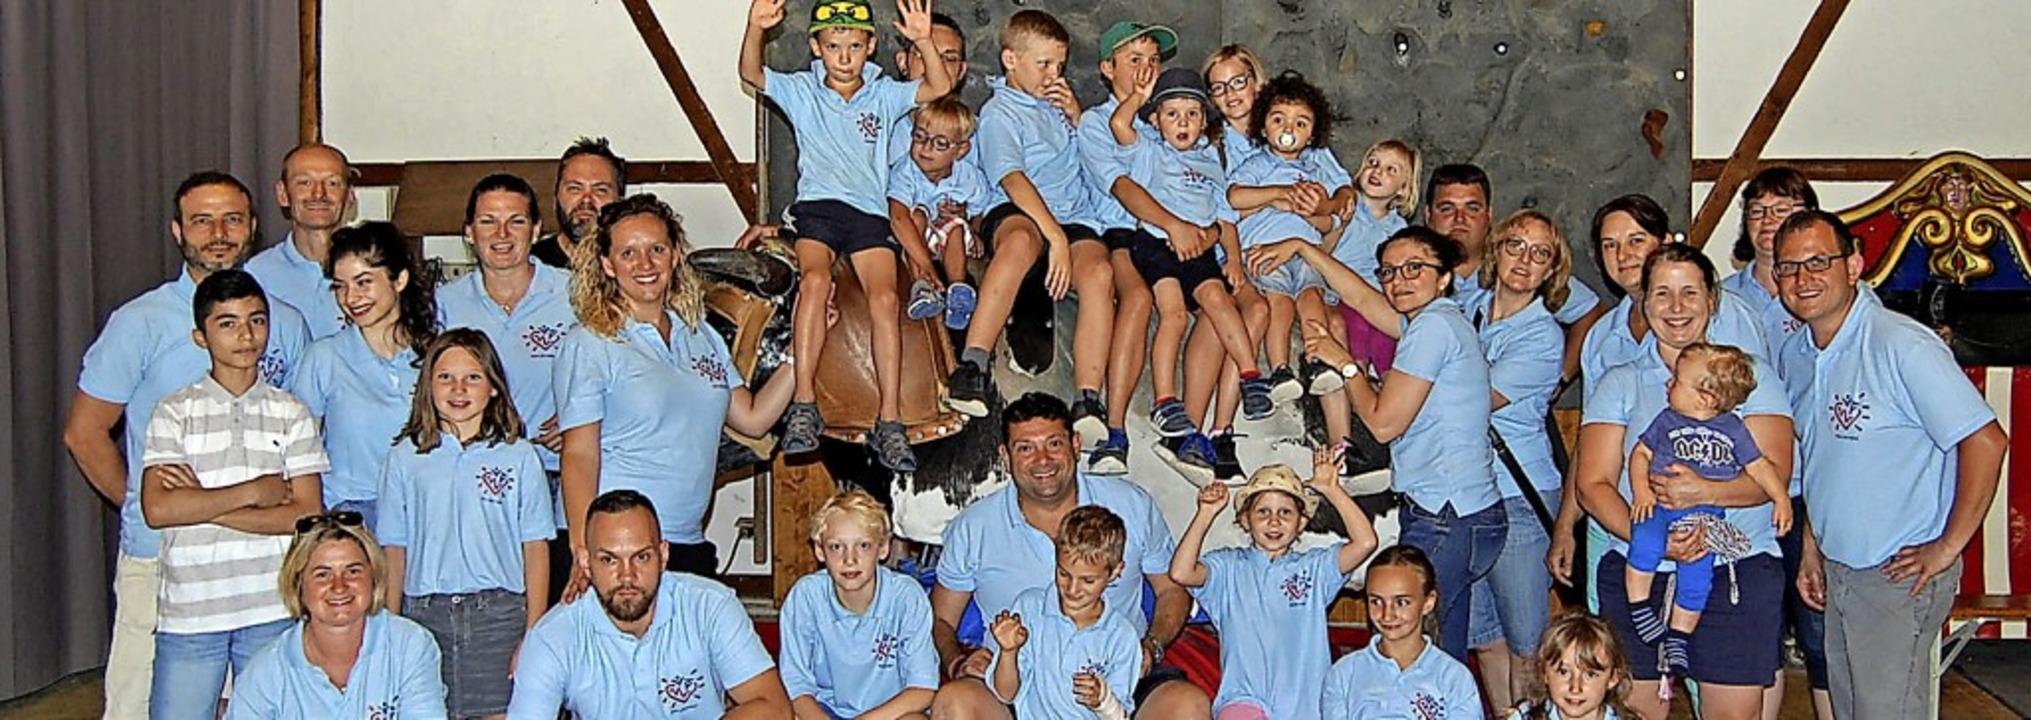 Alle Kinder der Familien sind bei den ...isbauernhof Lochmühle in Eigeltingen.     Foto: Herzkinder